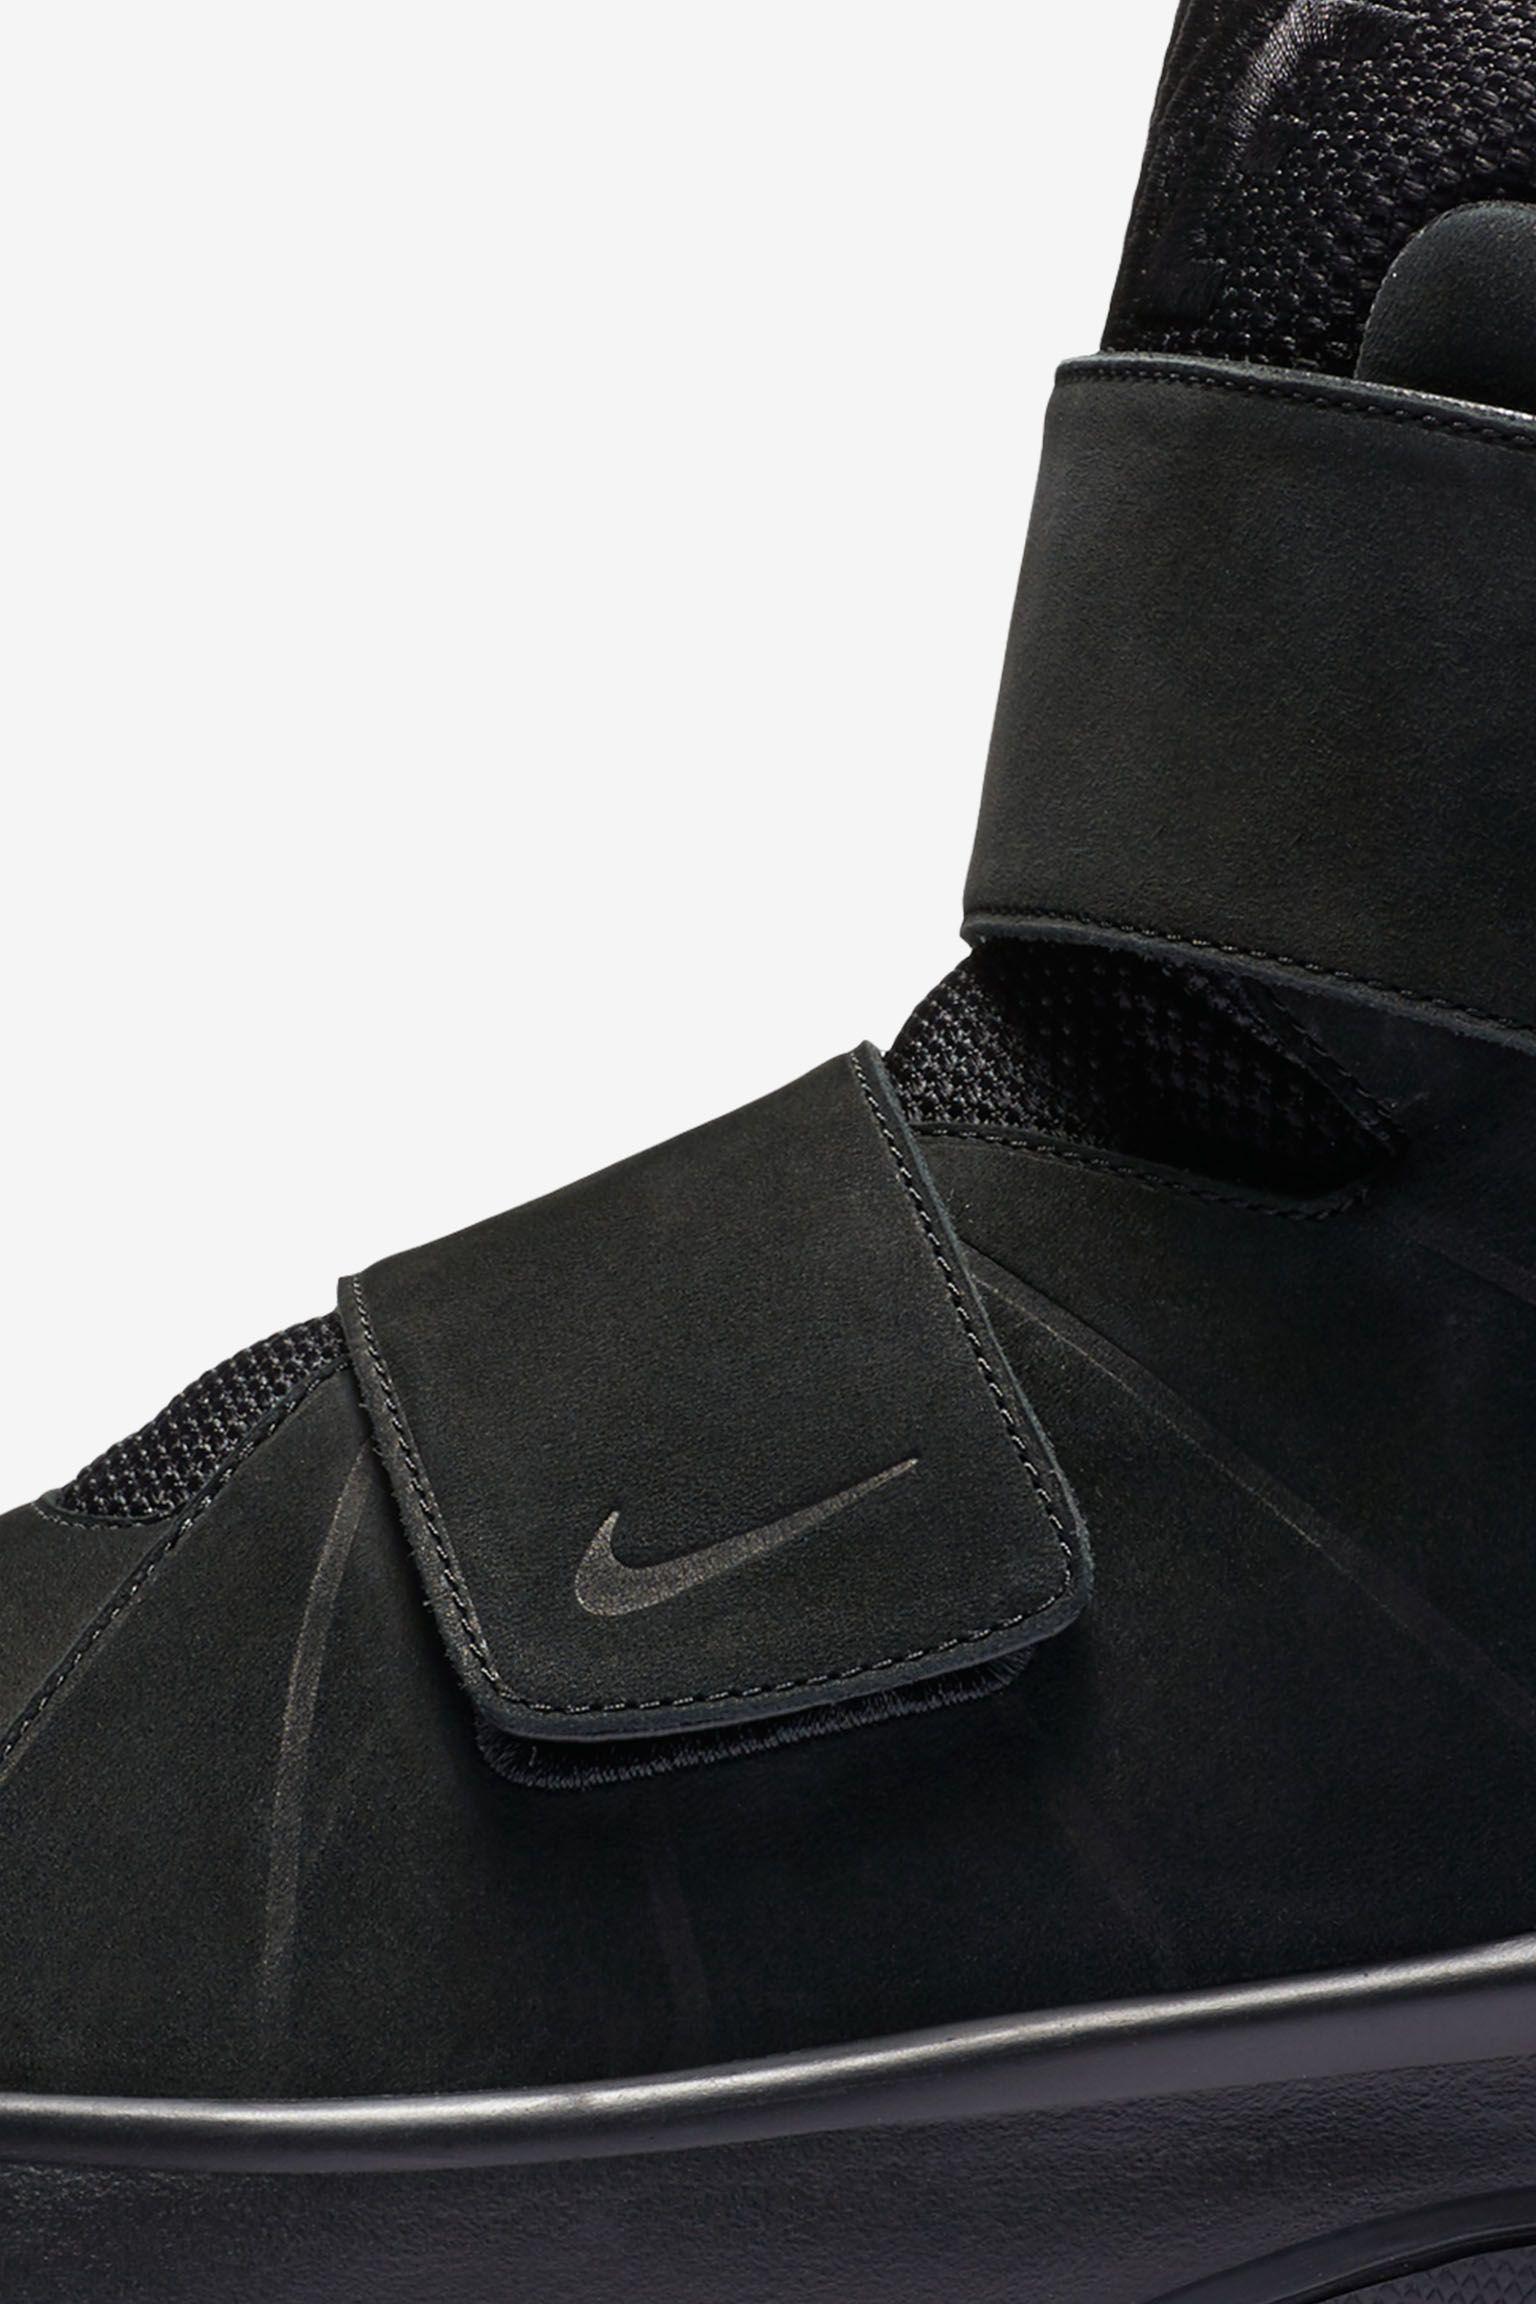 Nike Marxman 'Casual Class'